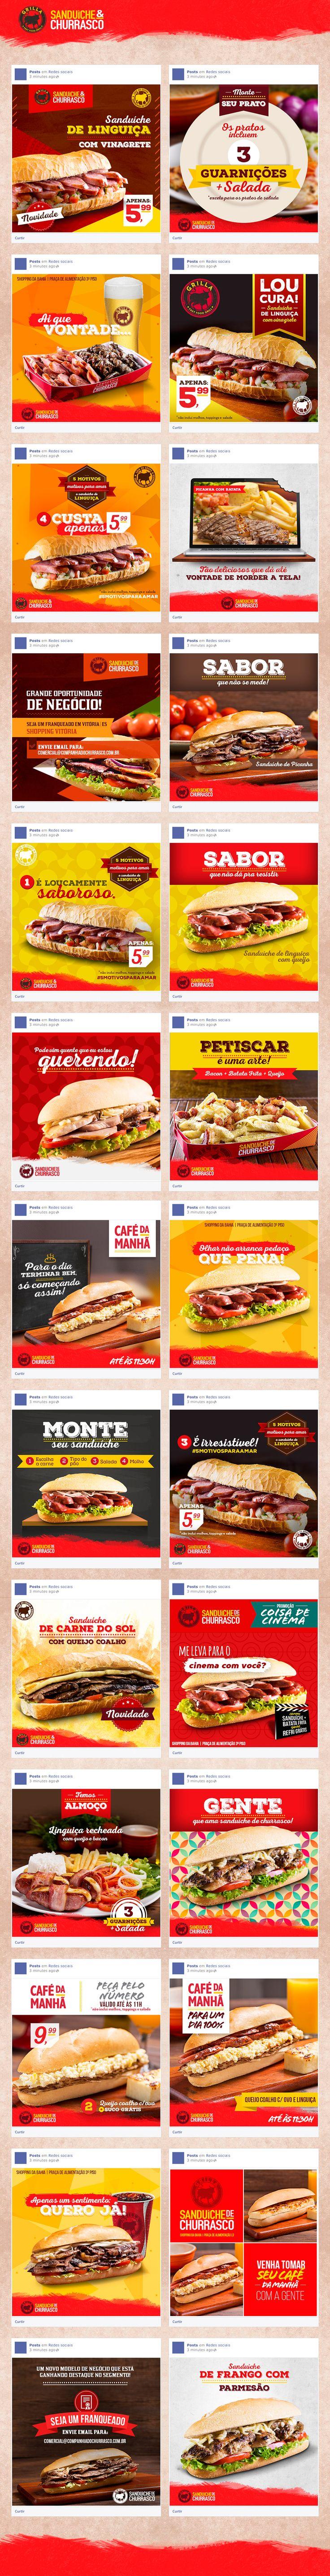 Criação de peças para as redes sociais do restaurante Grilla - Sanduíches de Churrasco